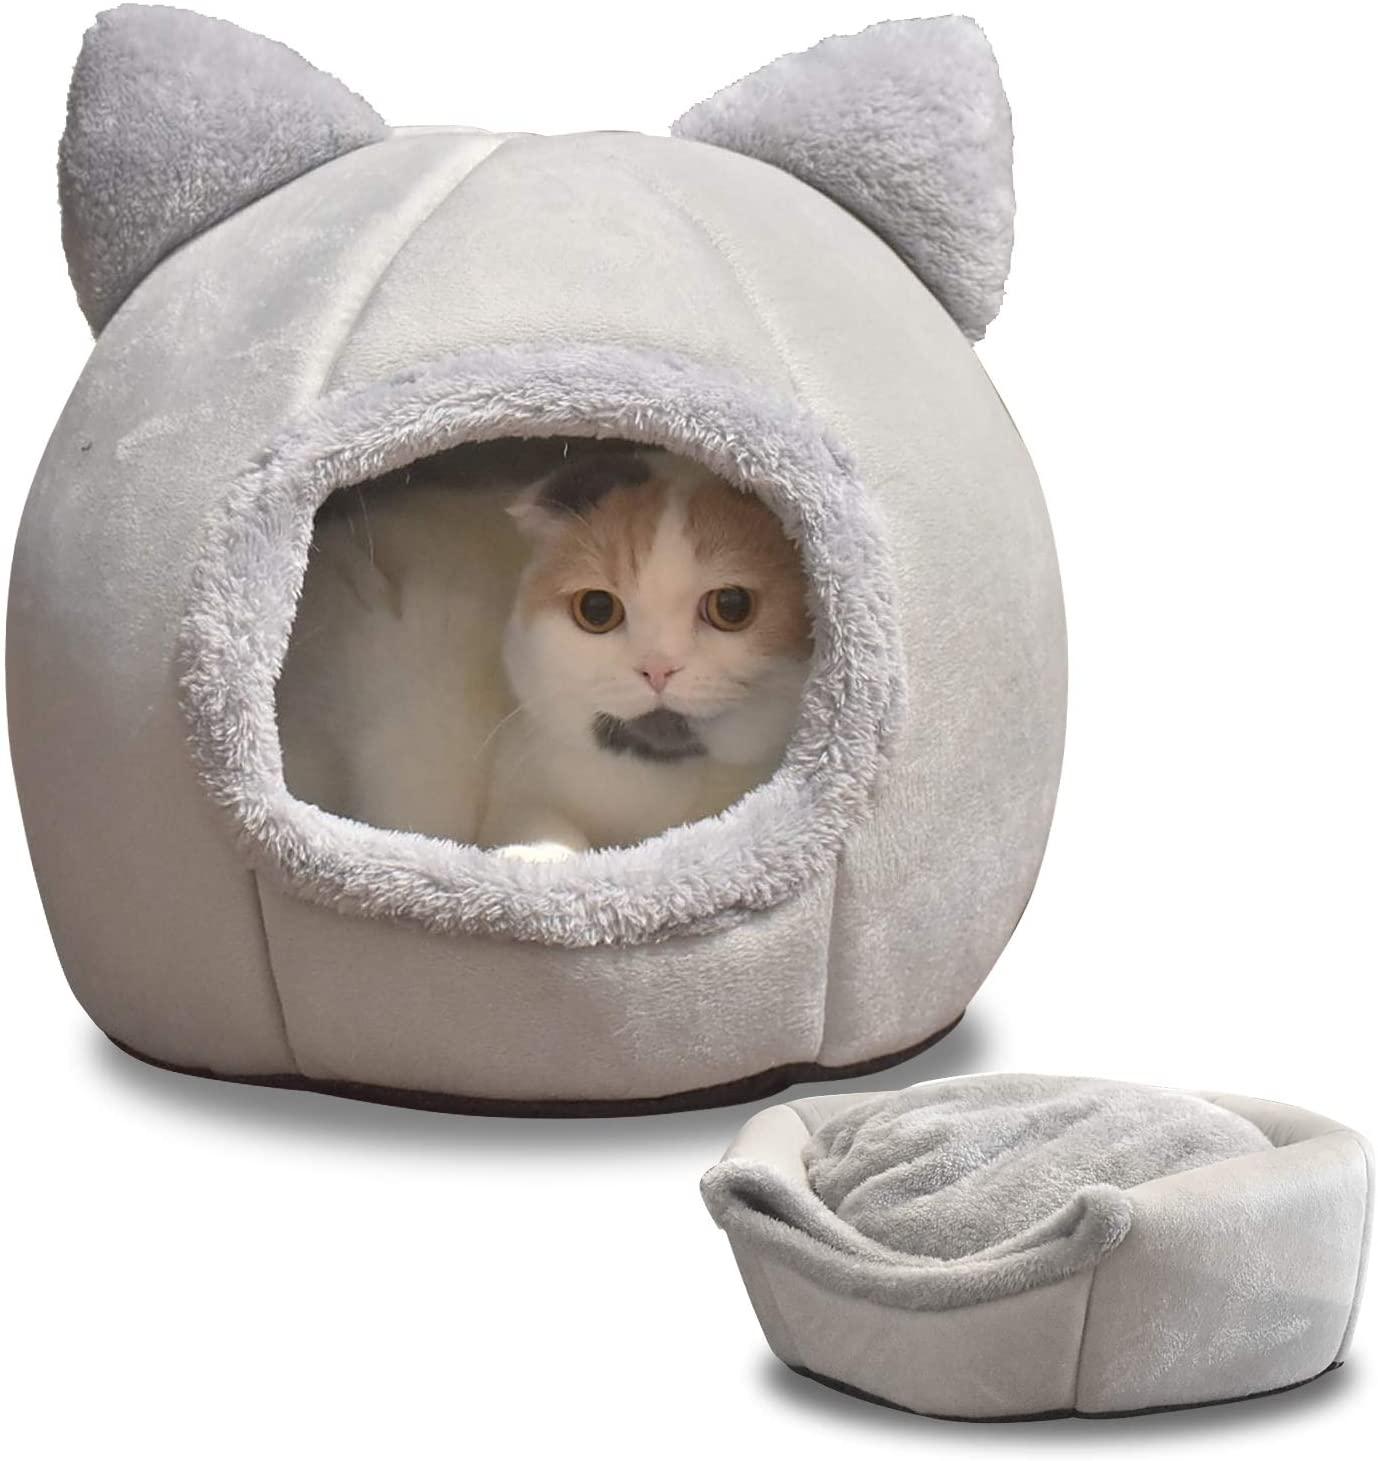 猫用ハウス・ベッドのおすすめ24選!洗えるタイプや冬向けも